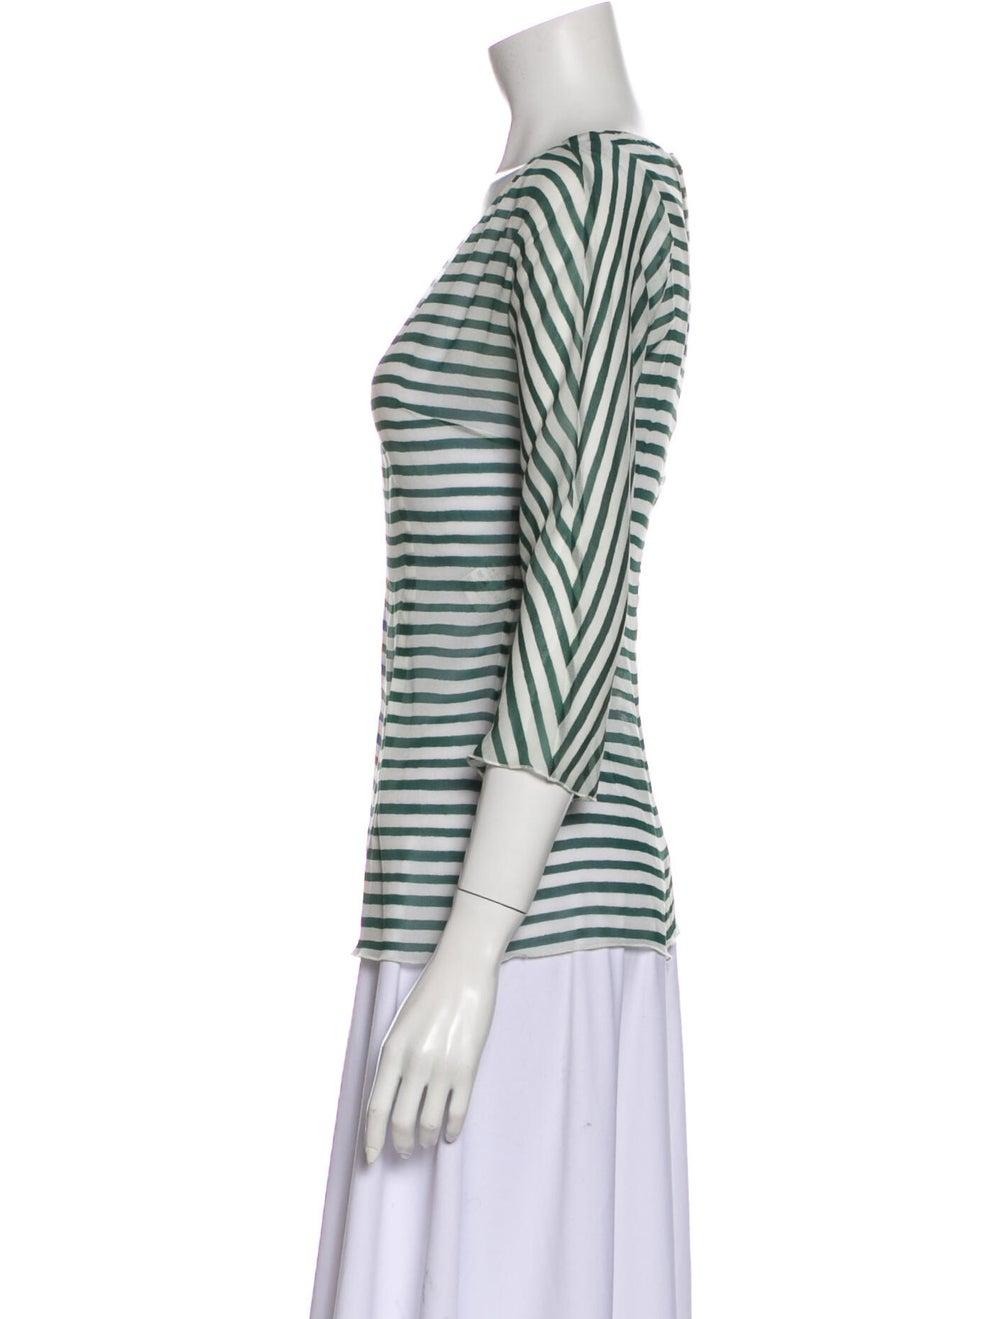 Dolce & Gabbana Silk Striped T-Shirt Green - image 2